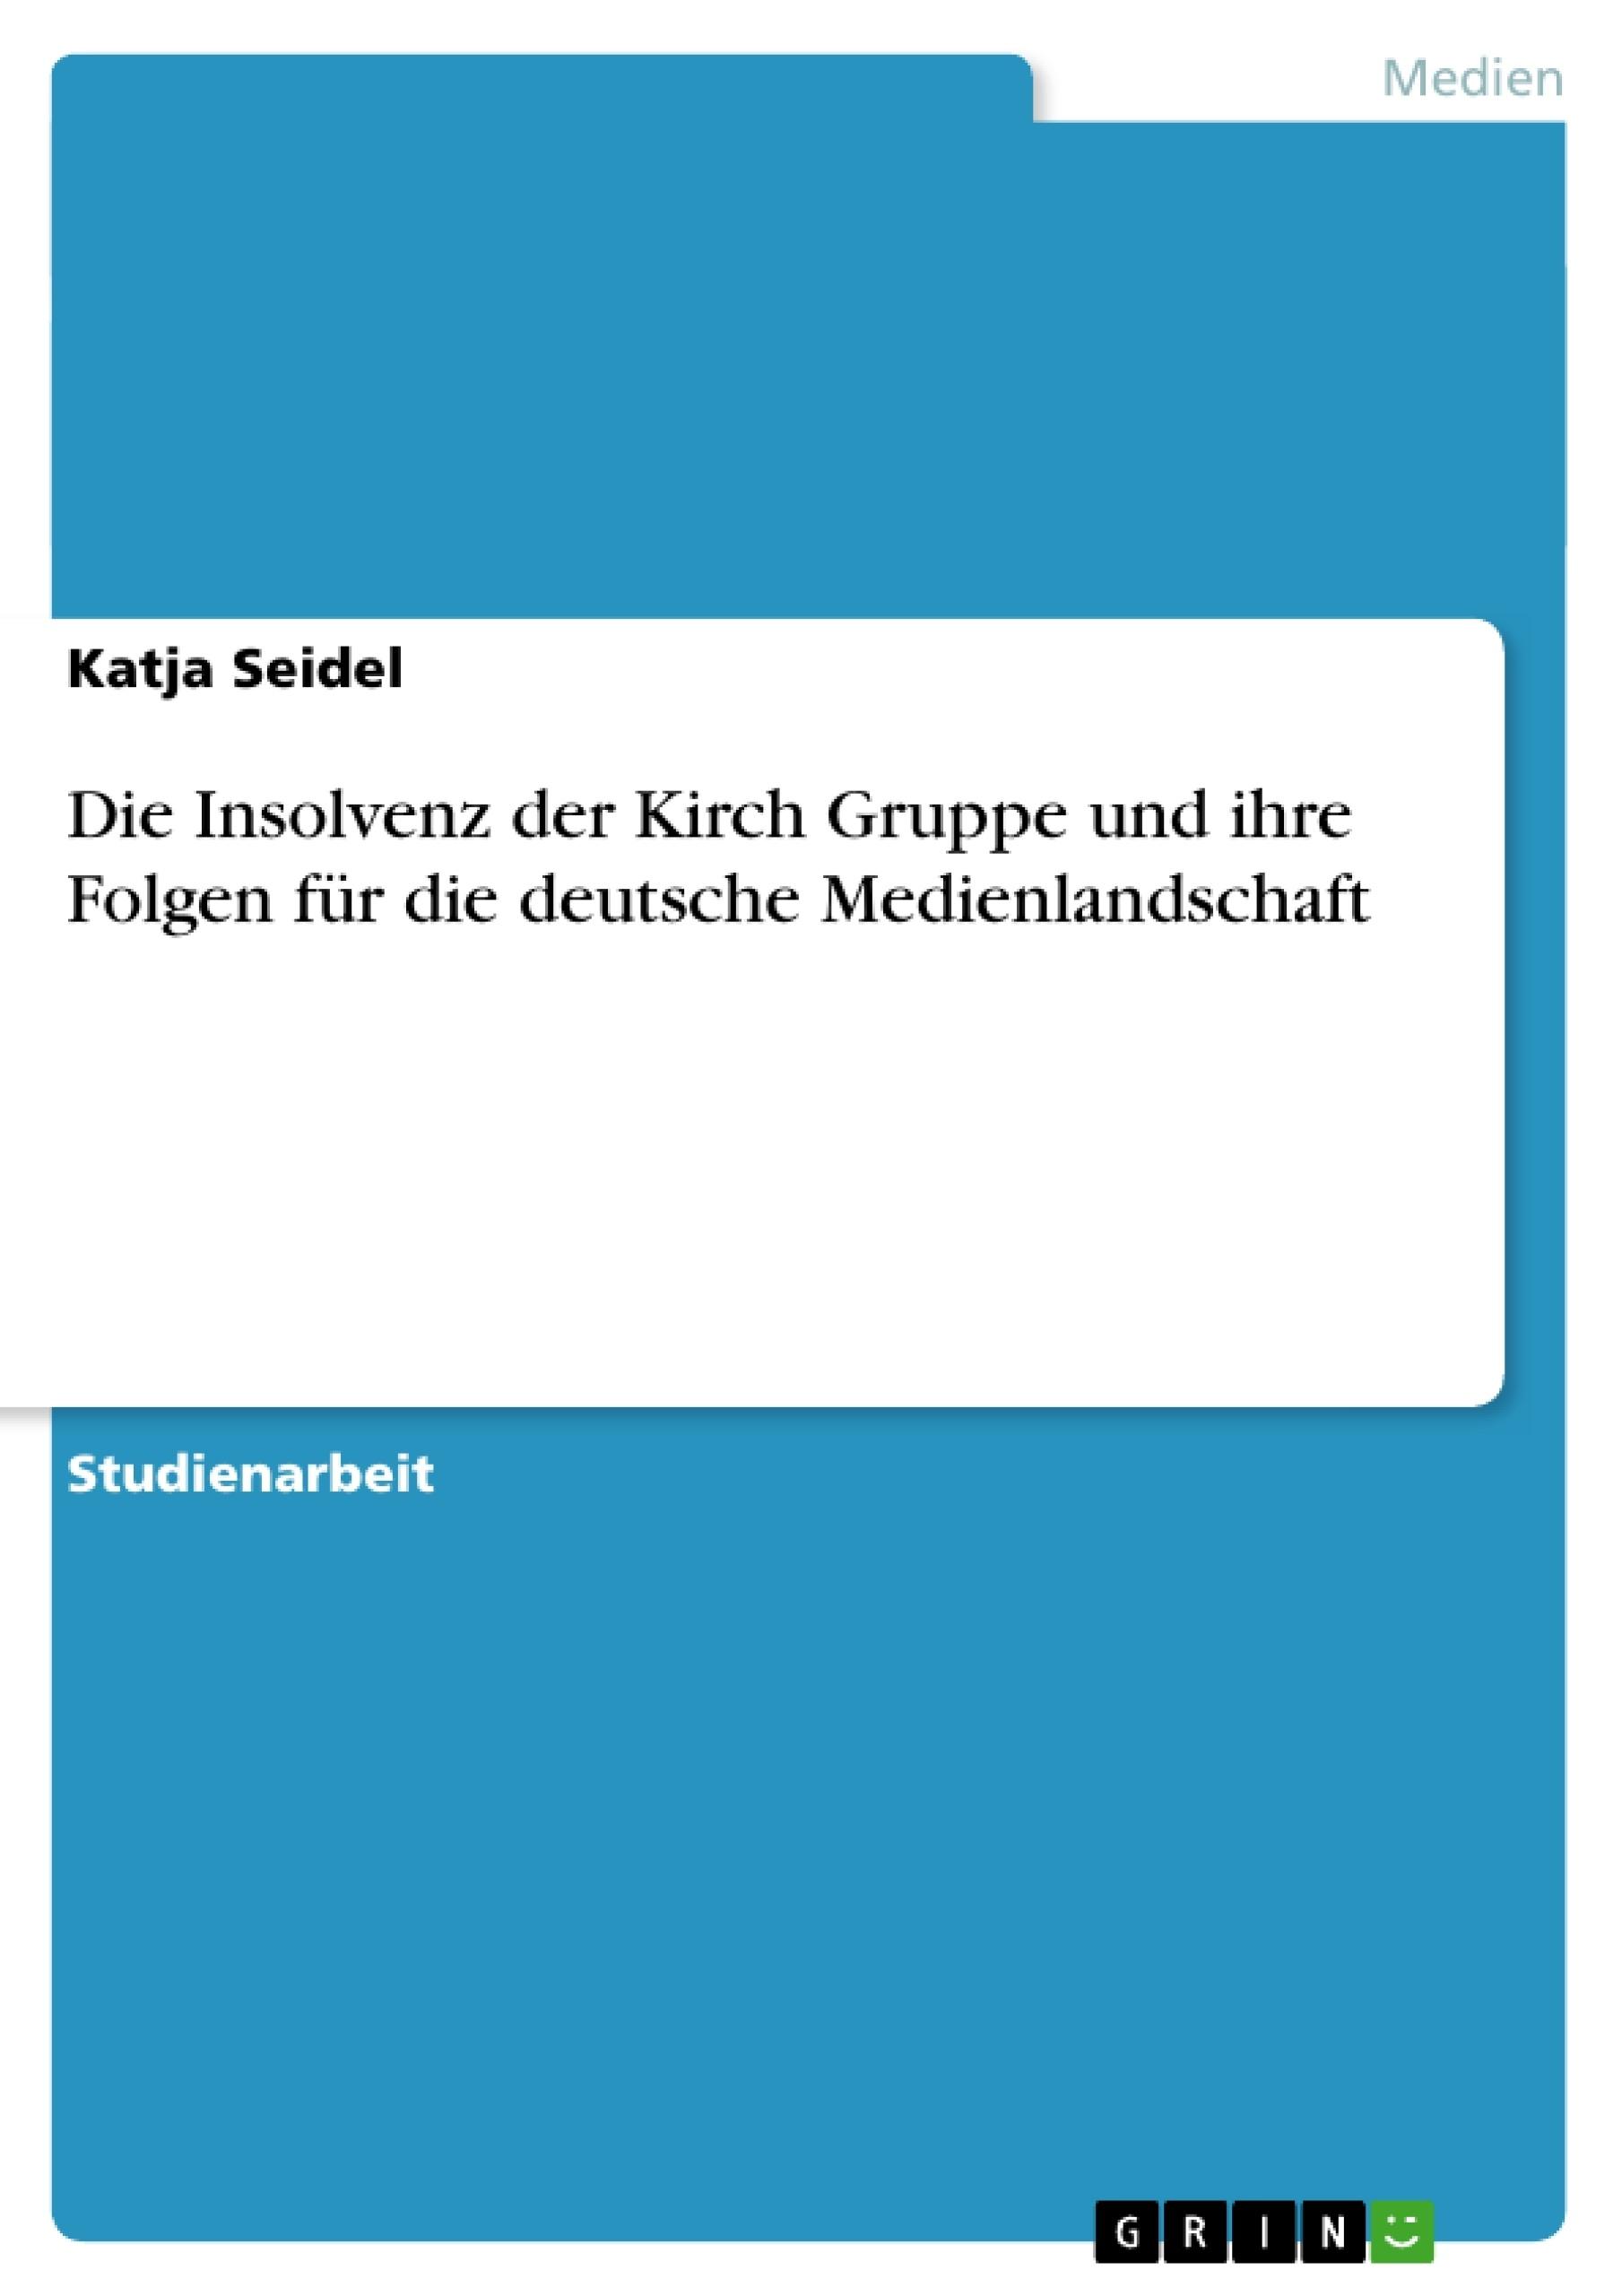 Titel: Die Insolvenz der Kirch Gruppe und ihre Folgen für die deutsche Medienlandschaft